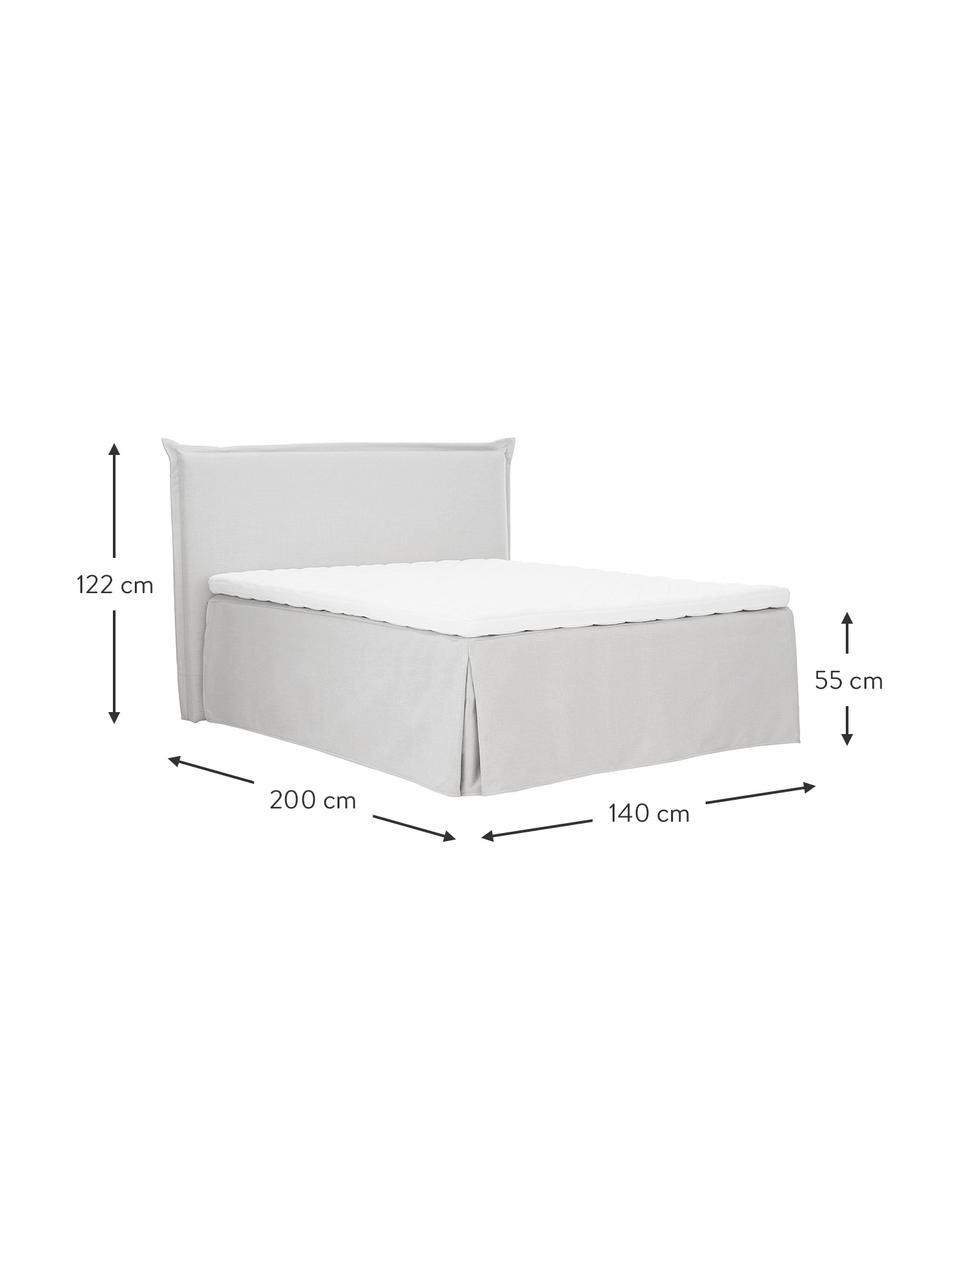 Premium Boxspringbett Violet in Hellgrau, Matratze: 5-Zonen-Taschenfederkern, Füße: Massives Birkenholz, lack, Webstoff Hellgrau, 160 x 200 cm